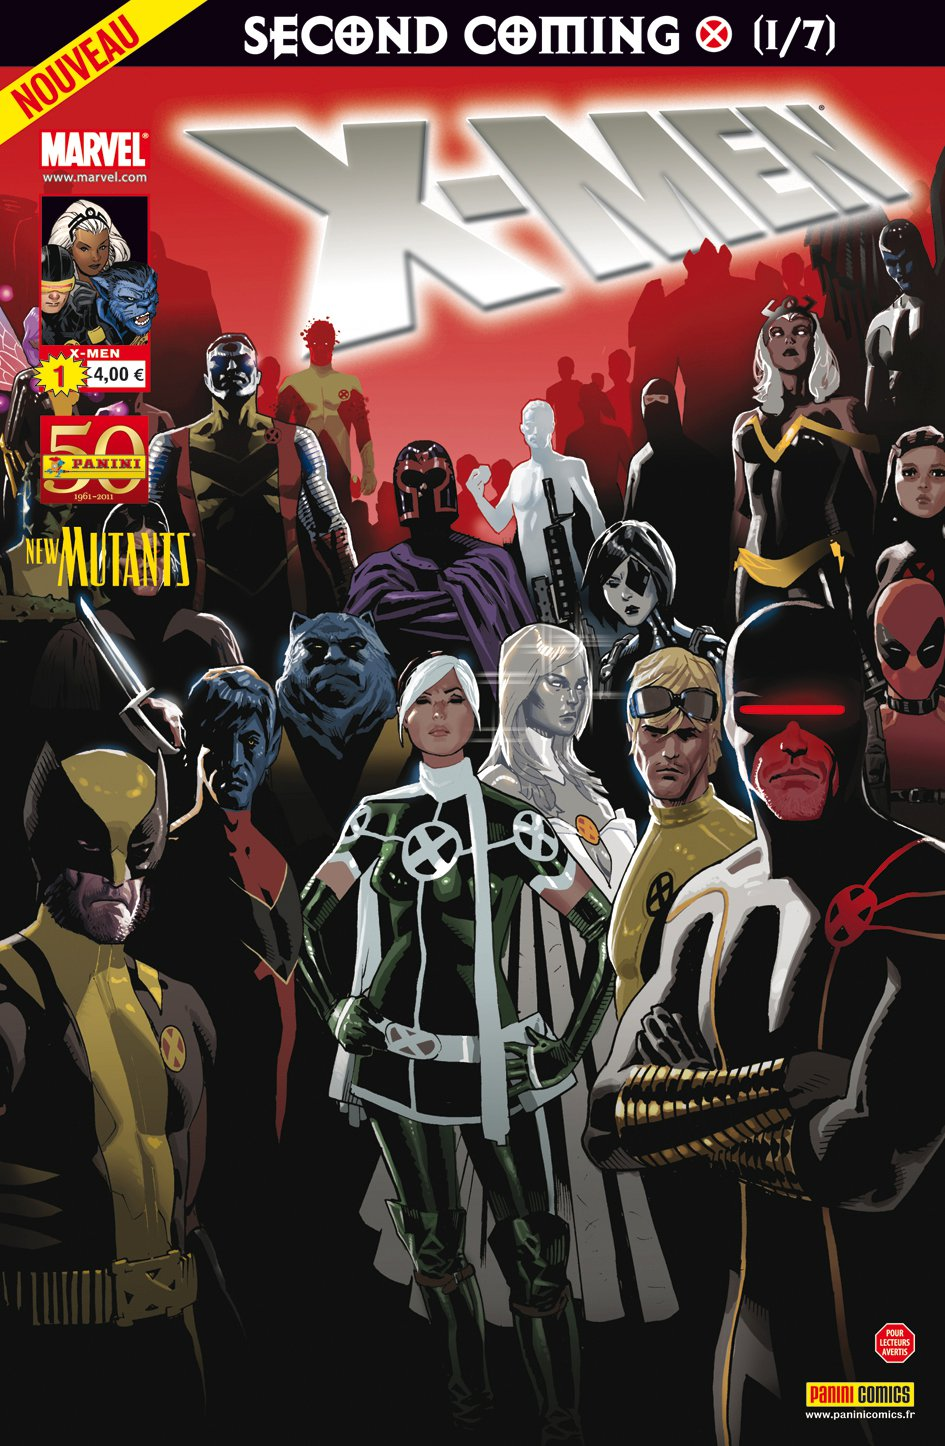 X-Men 1 - Le retour du messie (1/7)